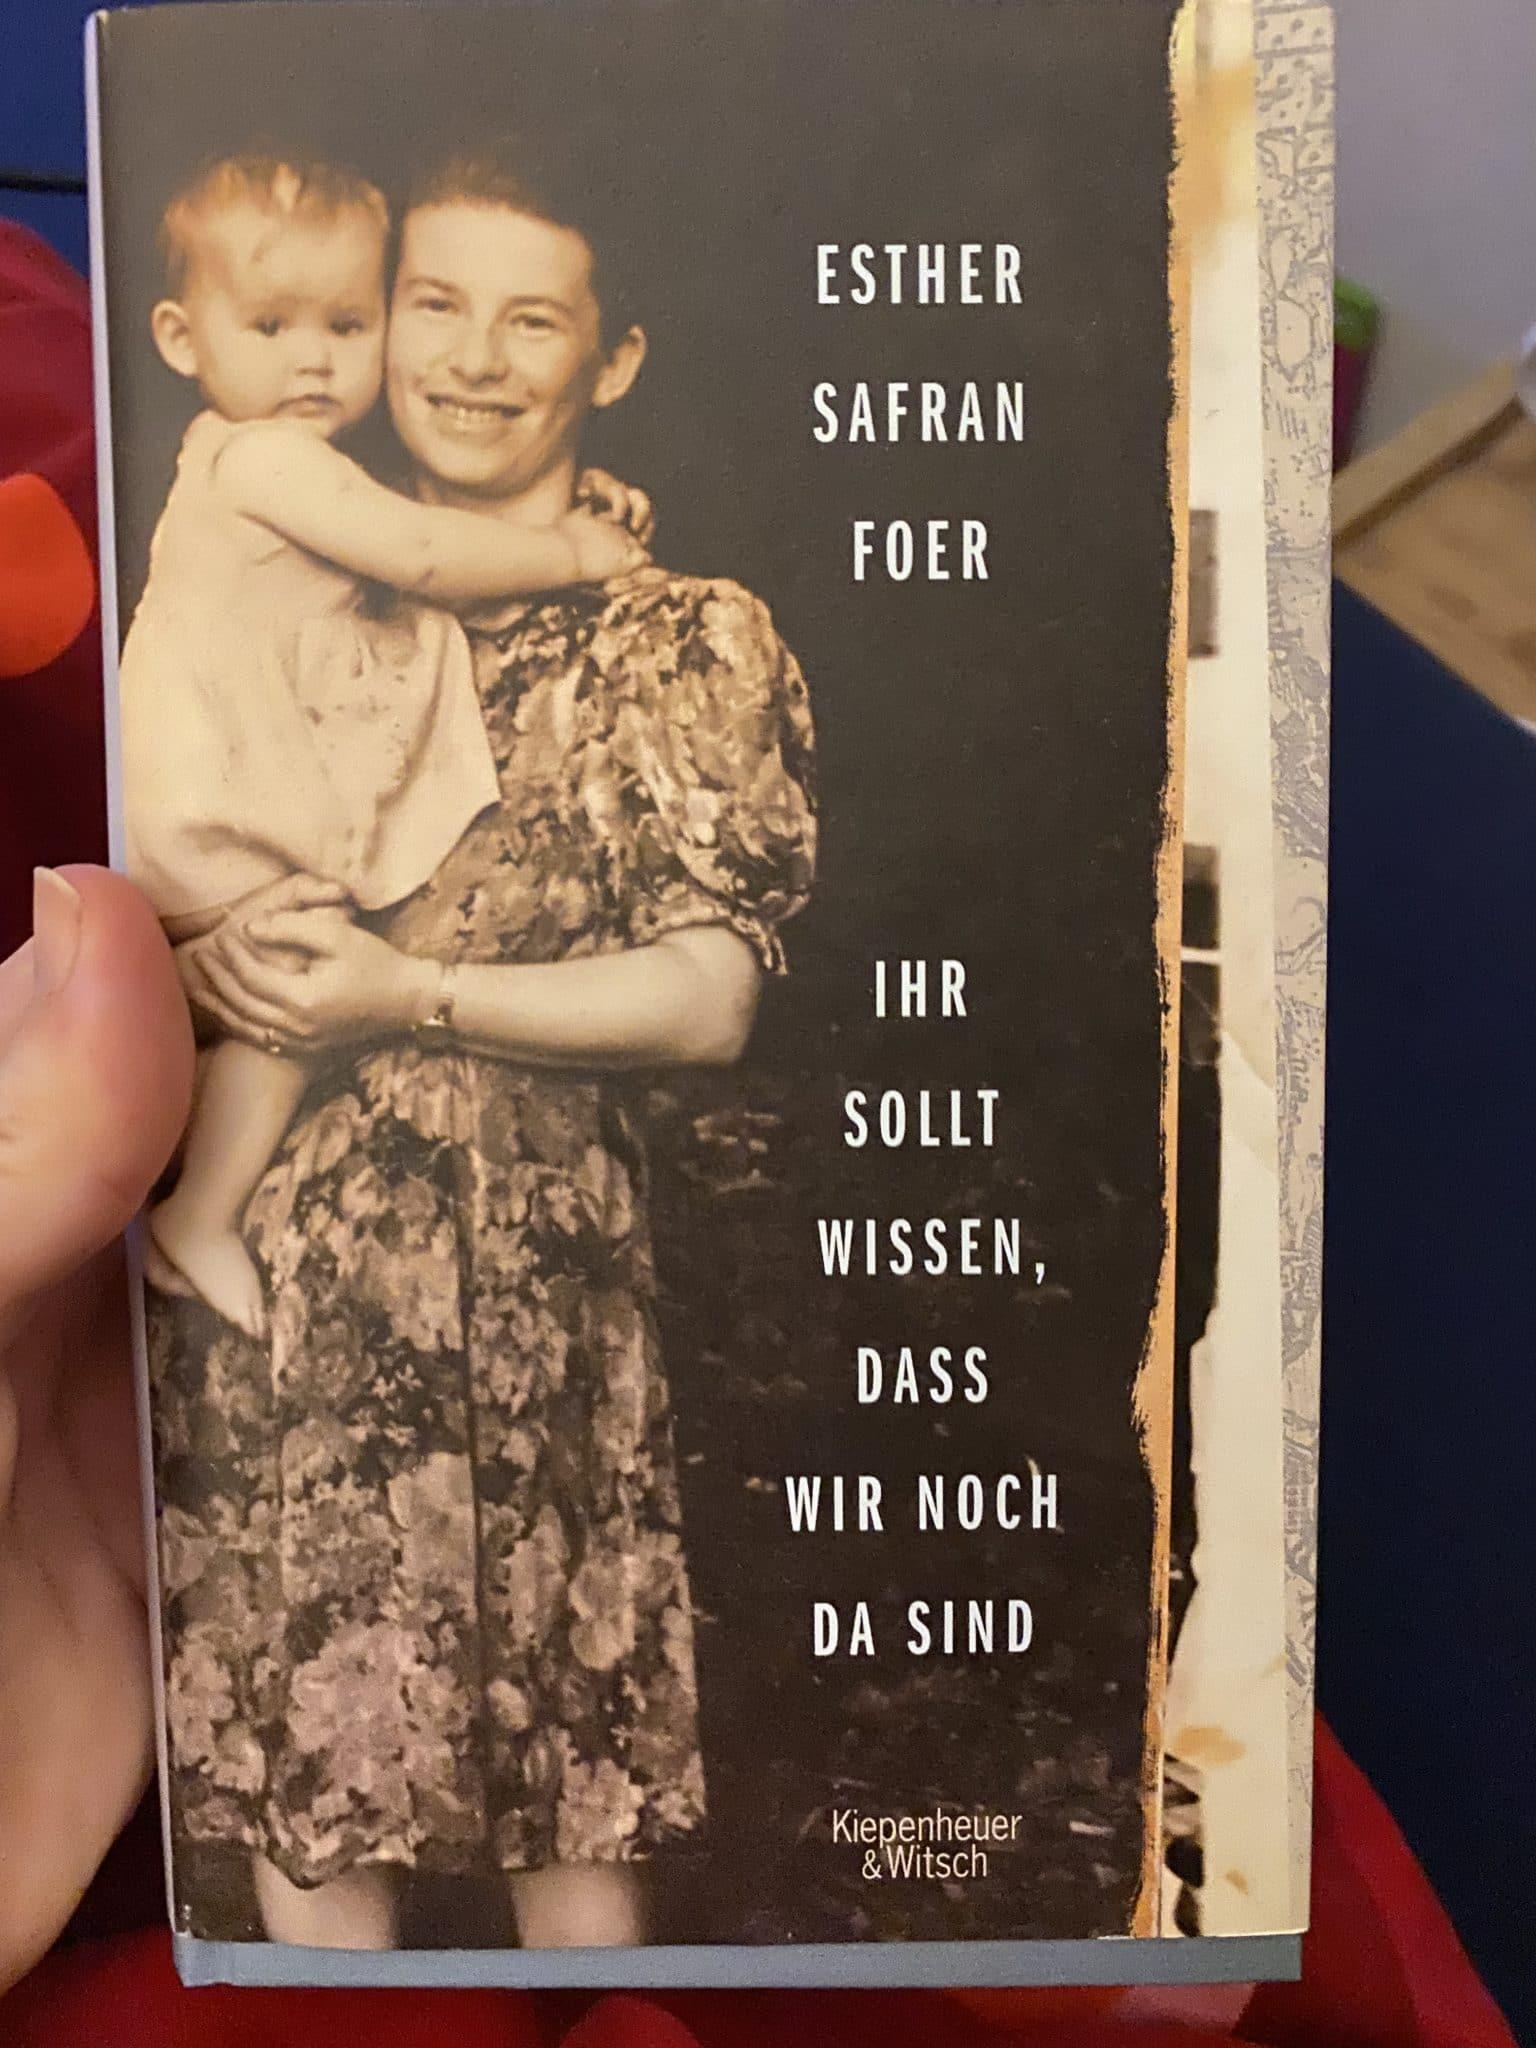 #13 Die Mutter von Safran Foer hat ein Buch geschrieben über ihre Familiengeschichte. Es ist sehr bewegend.